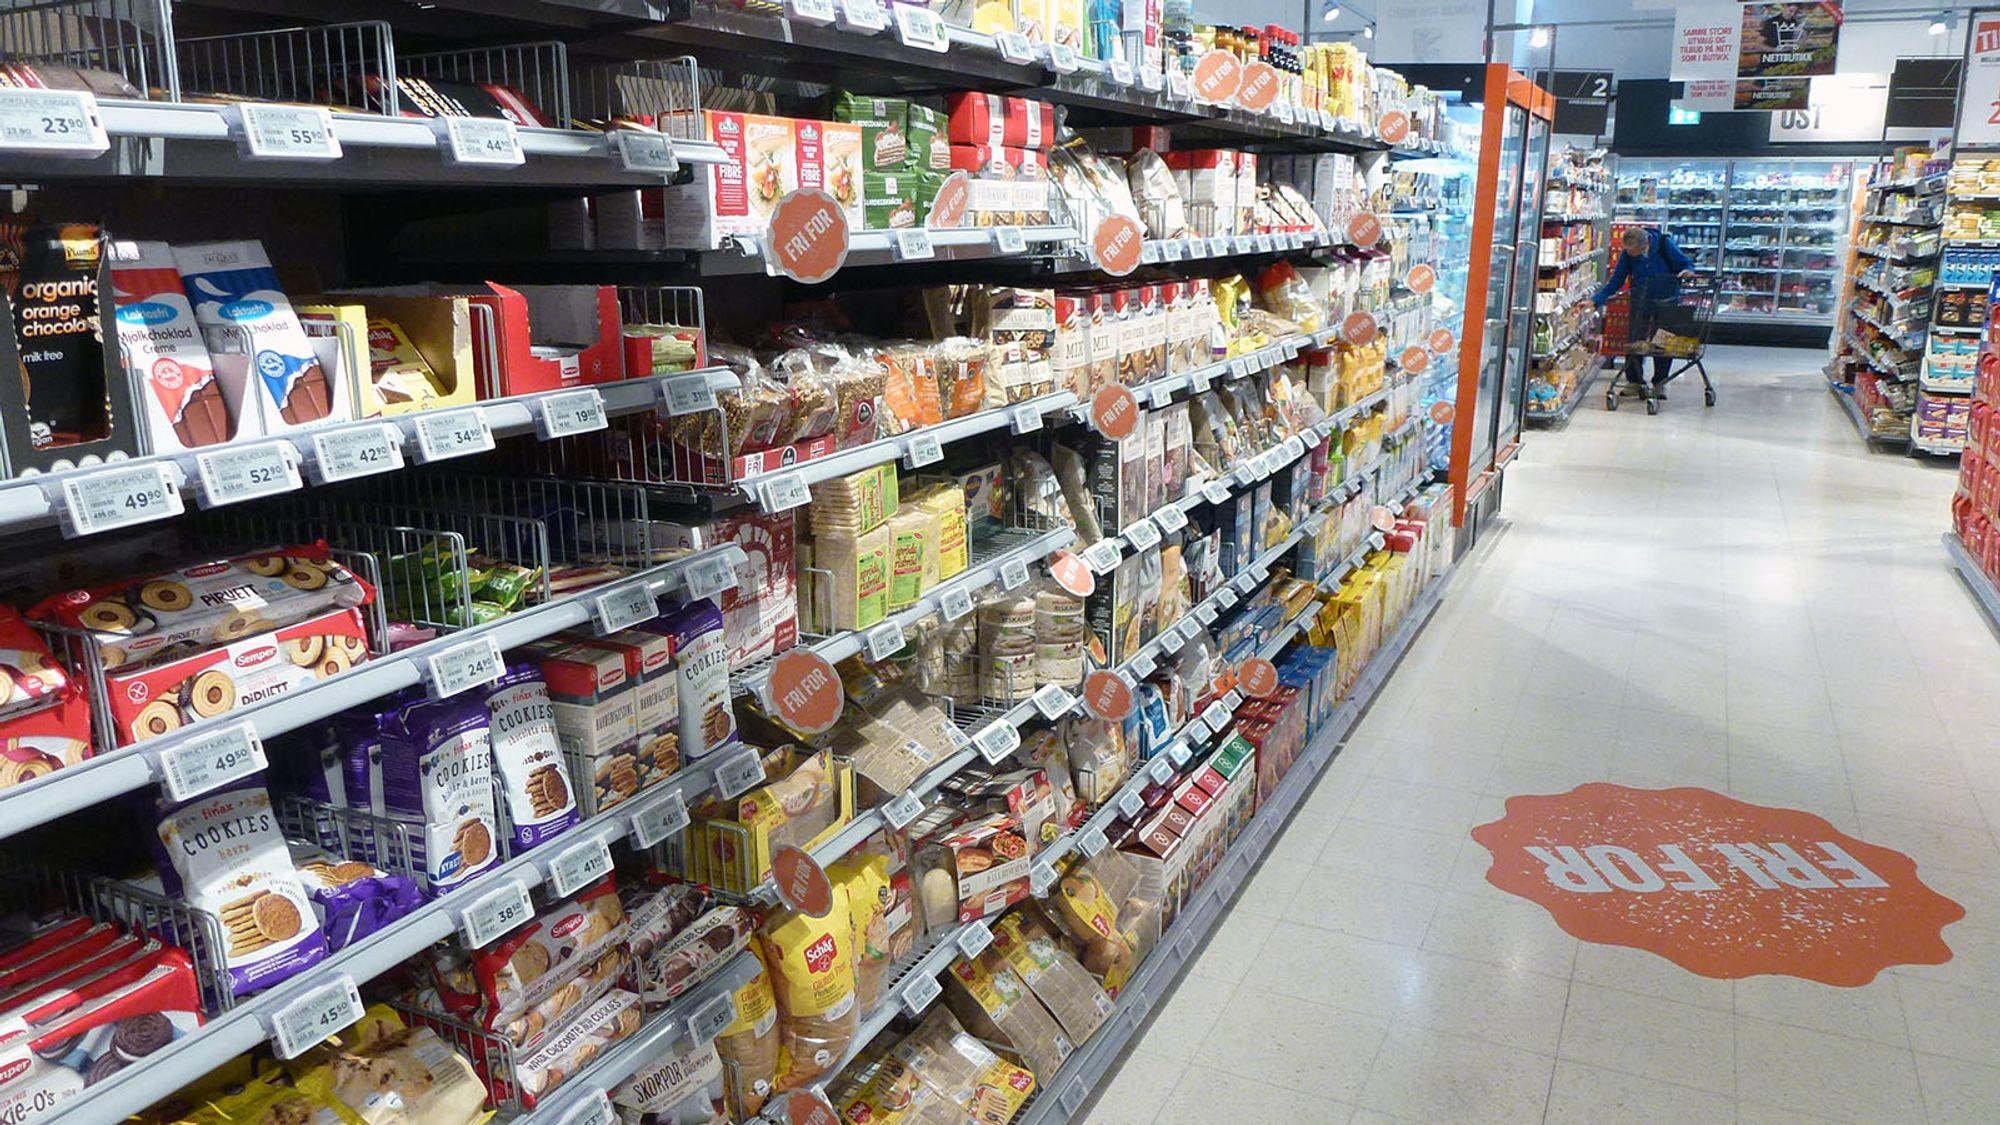 5a767155 Utvalget for de med en eller annen form for matintoleranse er omfattende  hos Meny. Der andre kjeder kan tilby relativt få glutenfrie produkter, ...